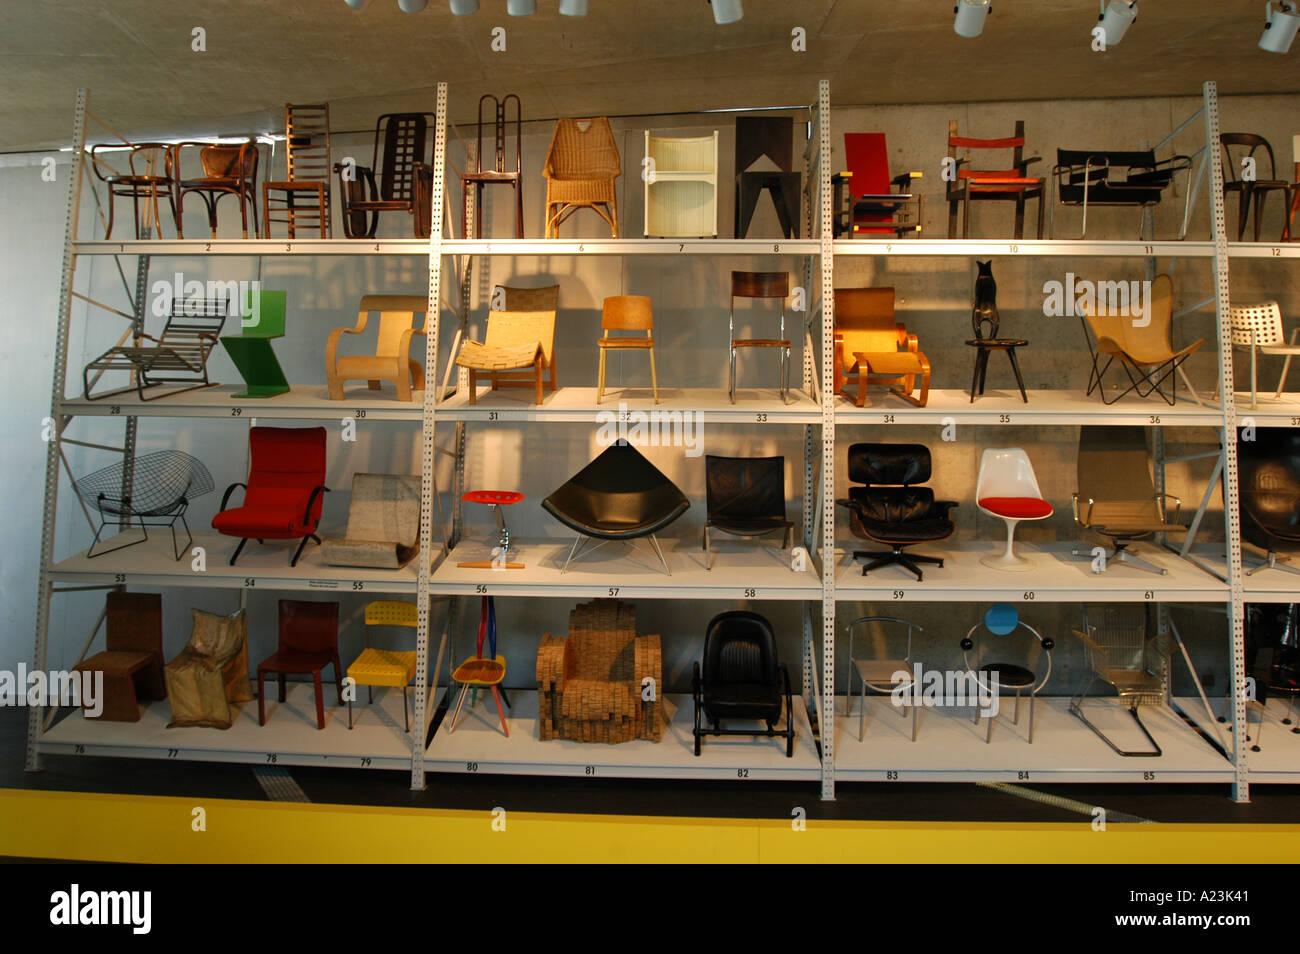 European style office furniture valentineblog net - Designer Chair Collection Vitra Design Museum Weil Am Rhein Zaha Stock